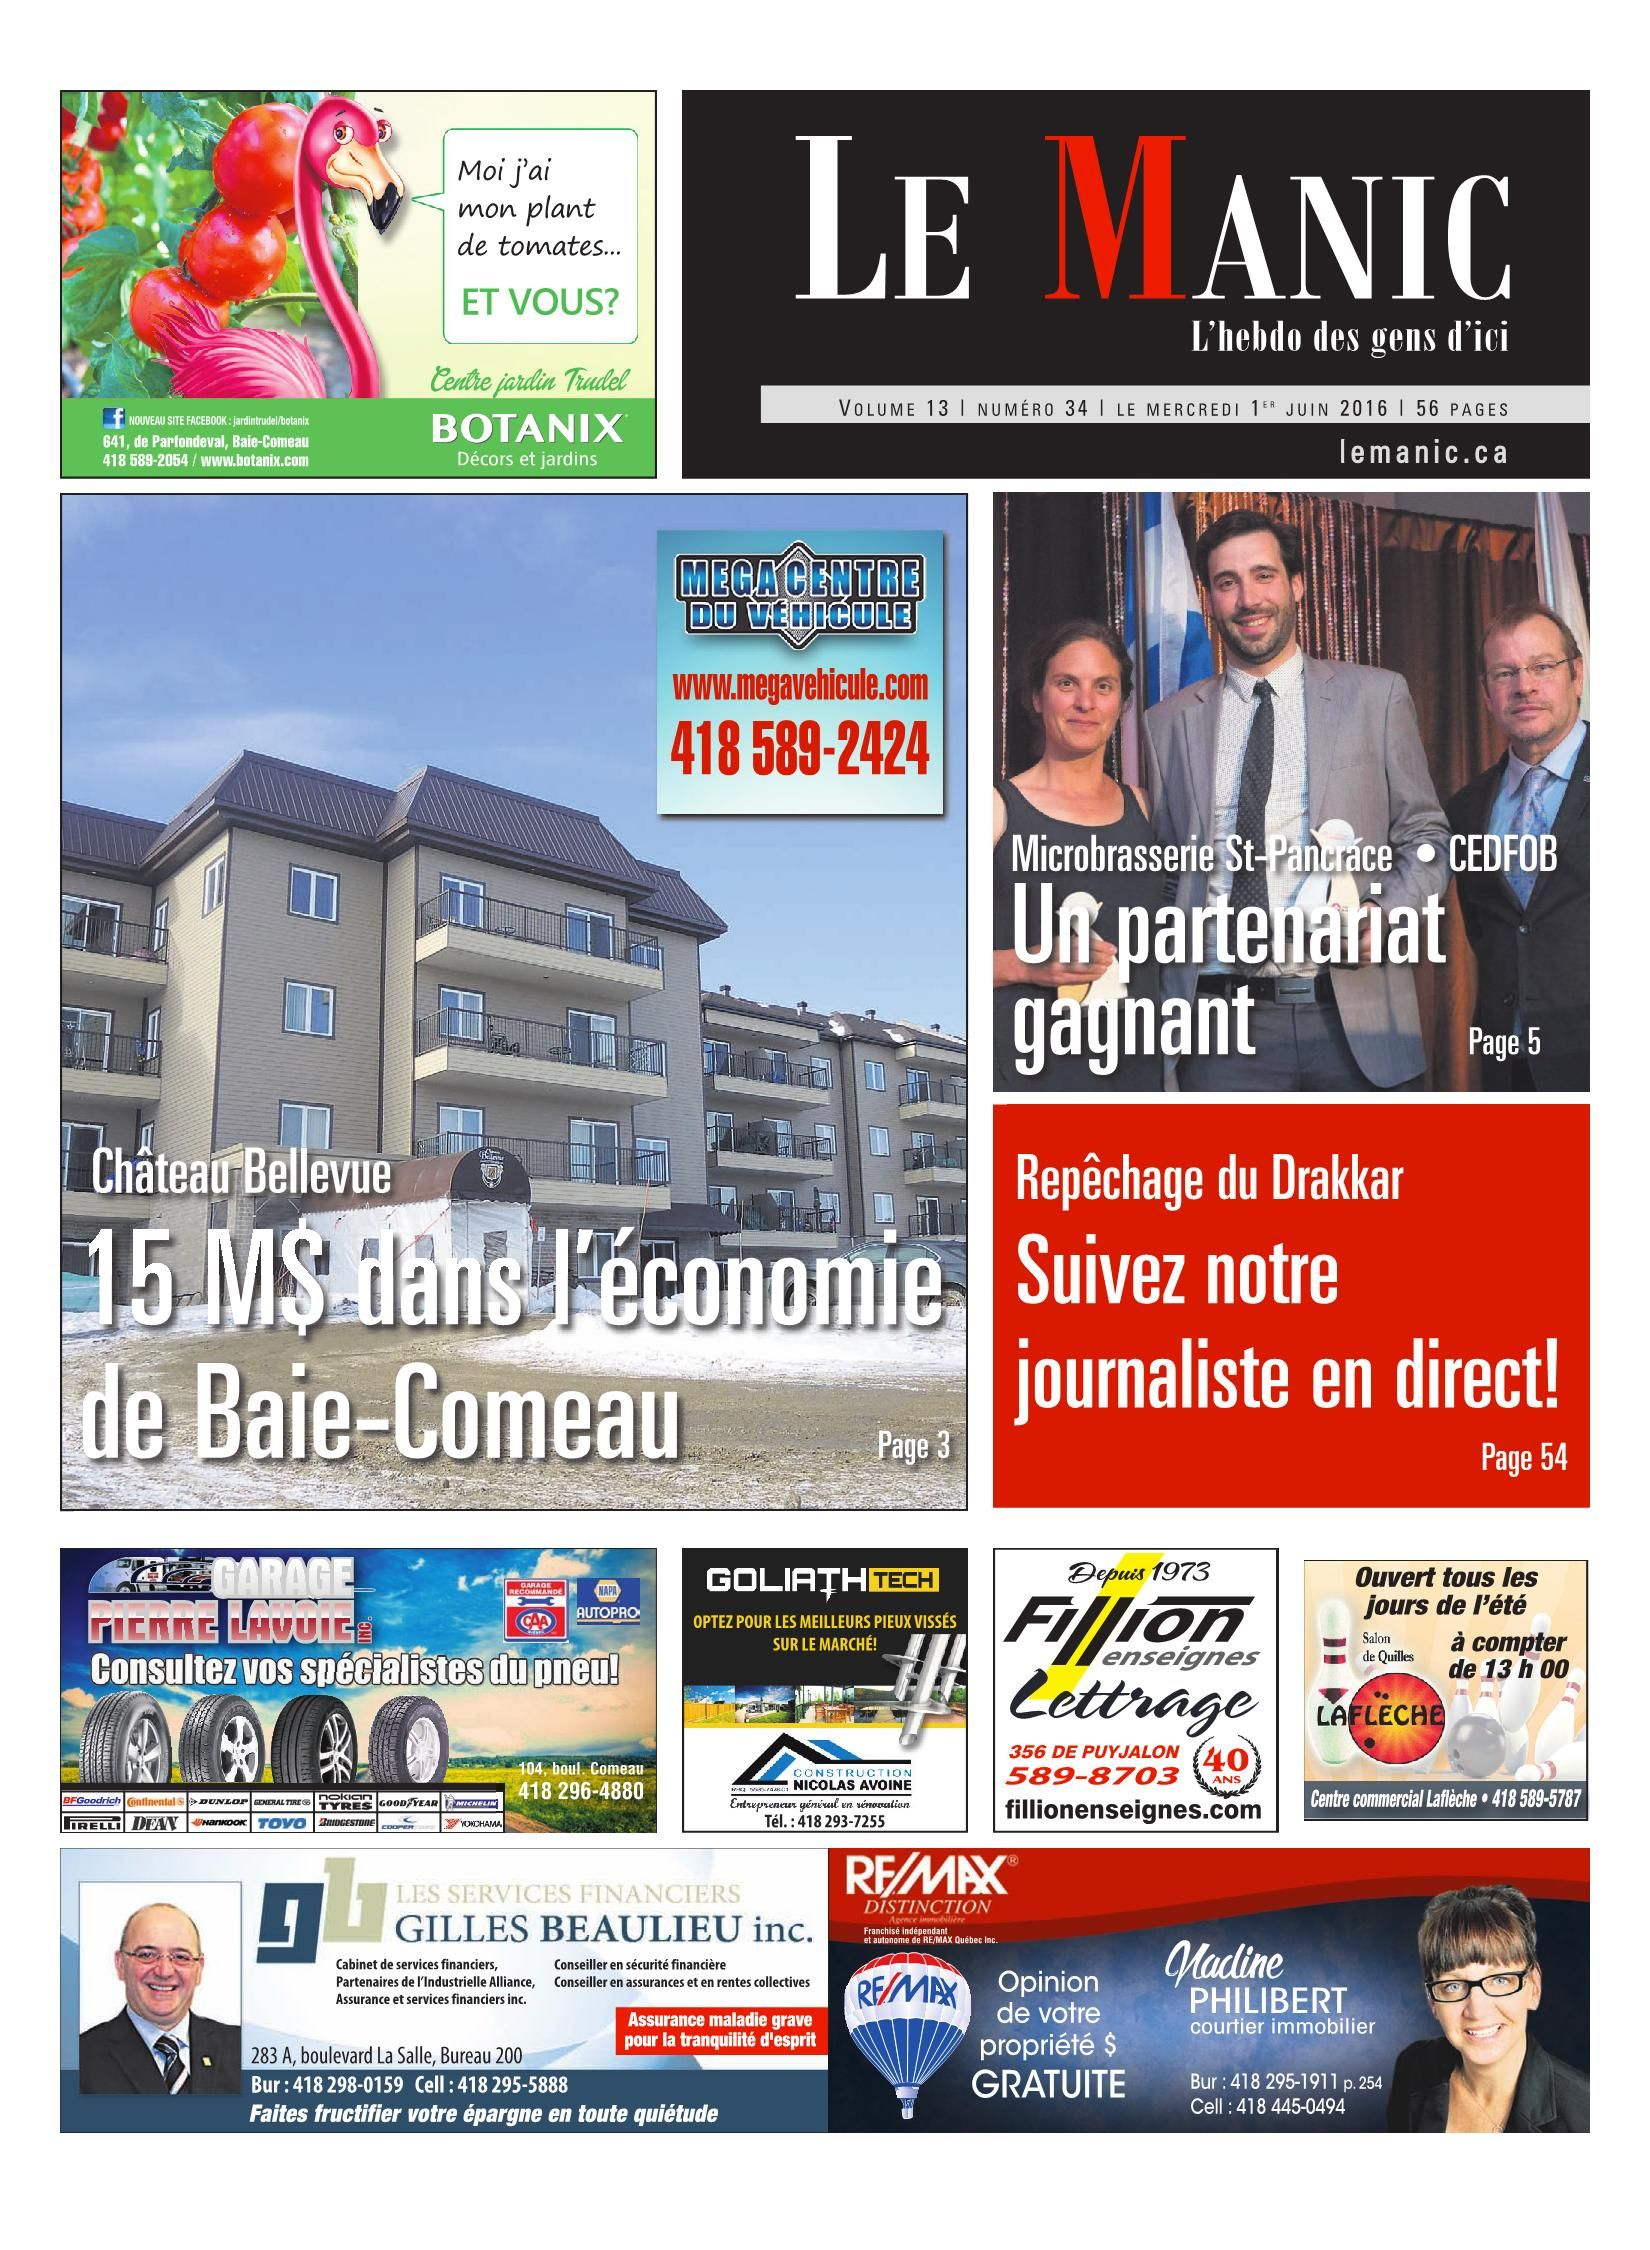 Salon De Jardin Vert Anis Génial Le Manic 01 Juin 2016 Pages 1 50 Text Version Of 37 Charmant Salon De Jardin Vert Anis